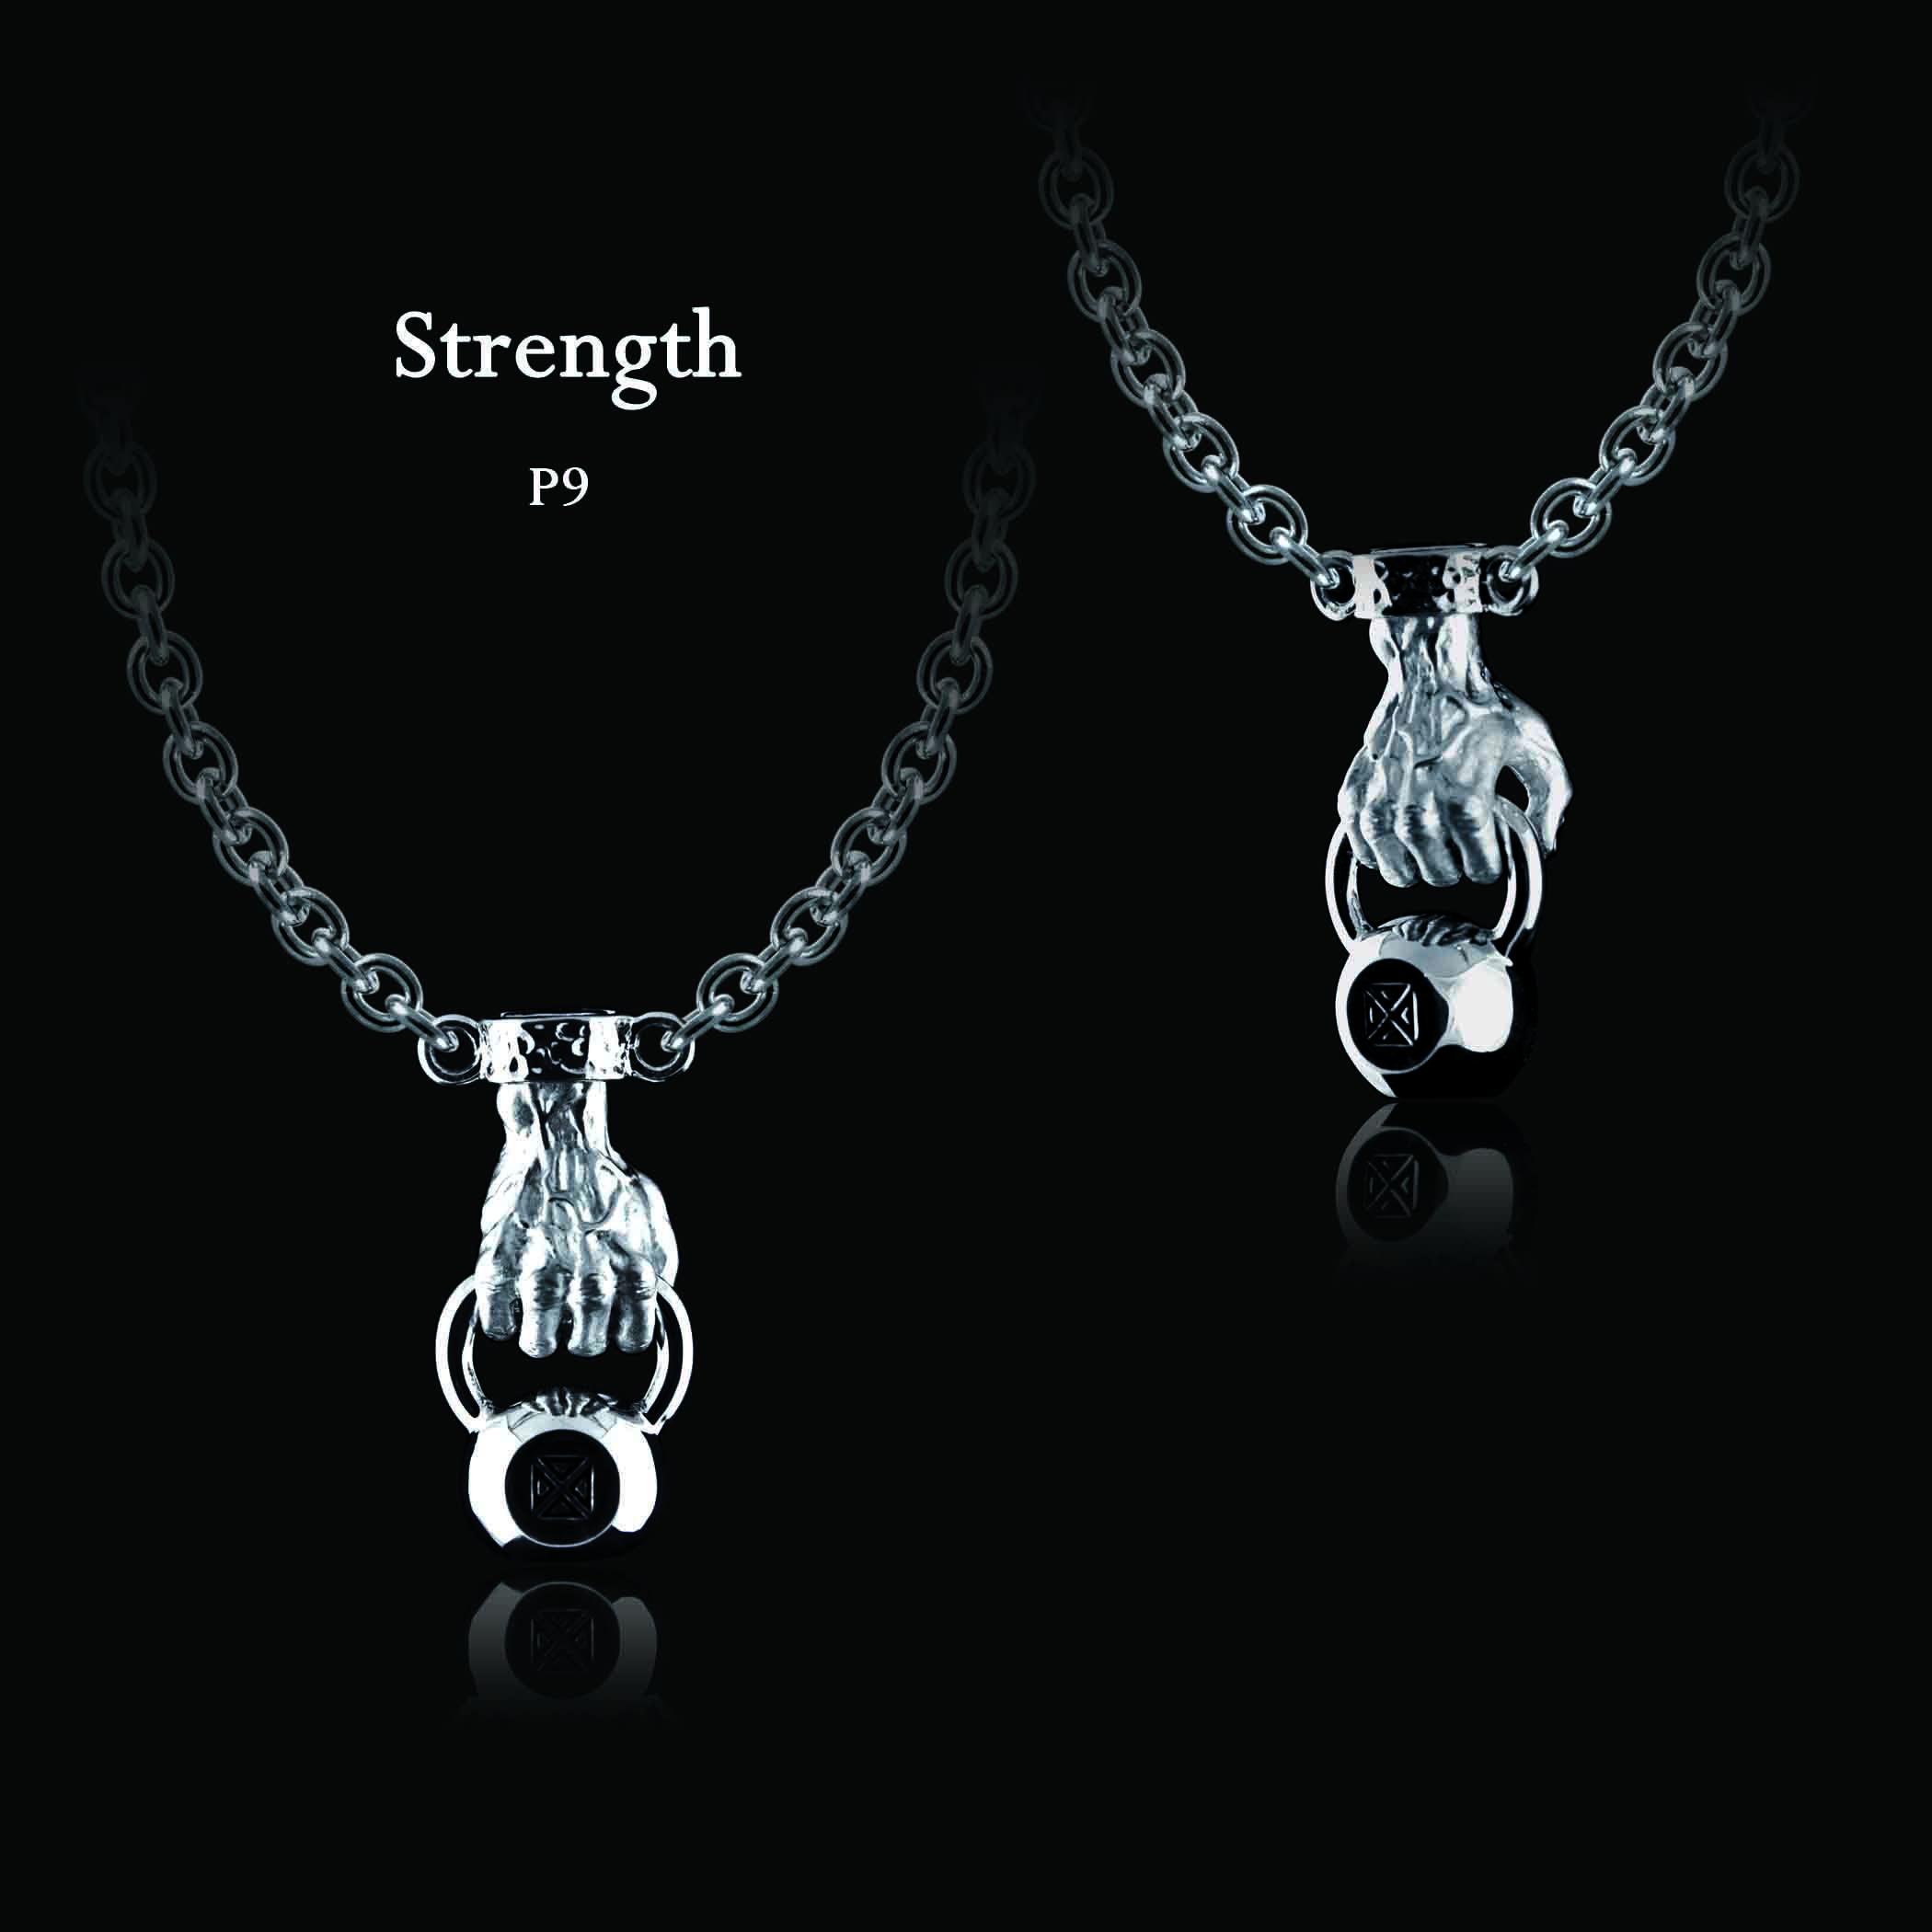 """ECKS """"Strength"""" men's sterling silver kettlebell pendant. #ECKS #strength #mensjewelry #sterlingsilver #kettlebell #atphoenixjewellers"""